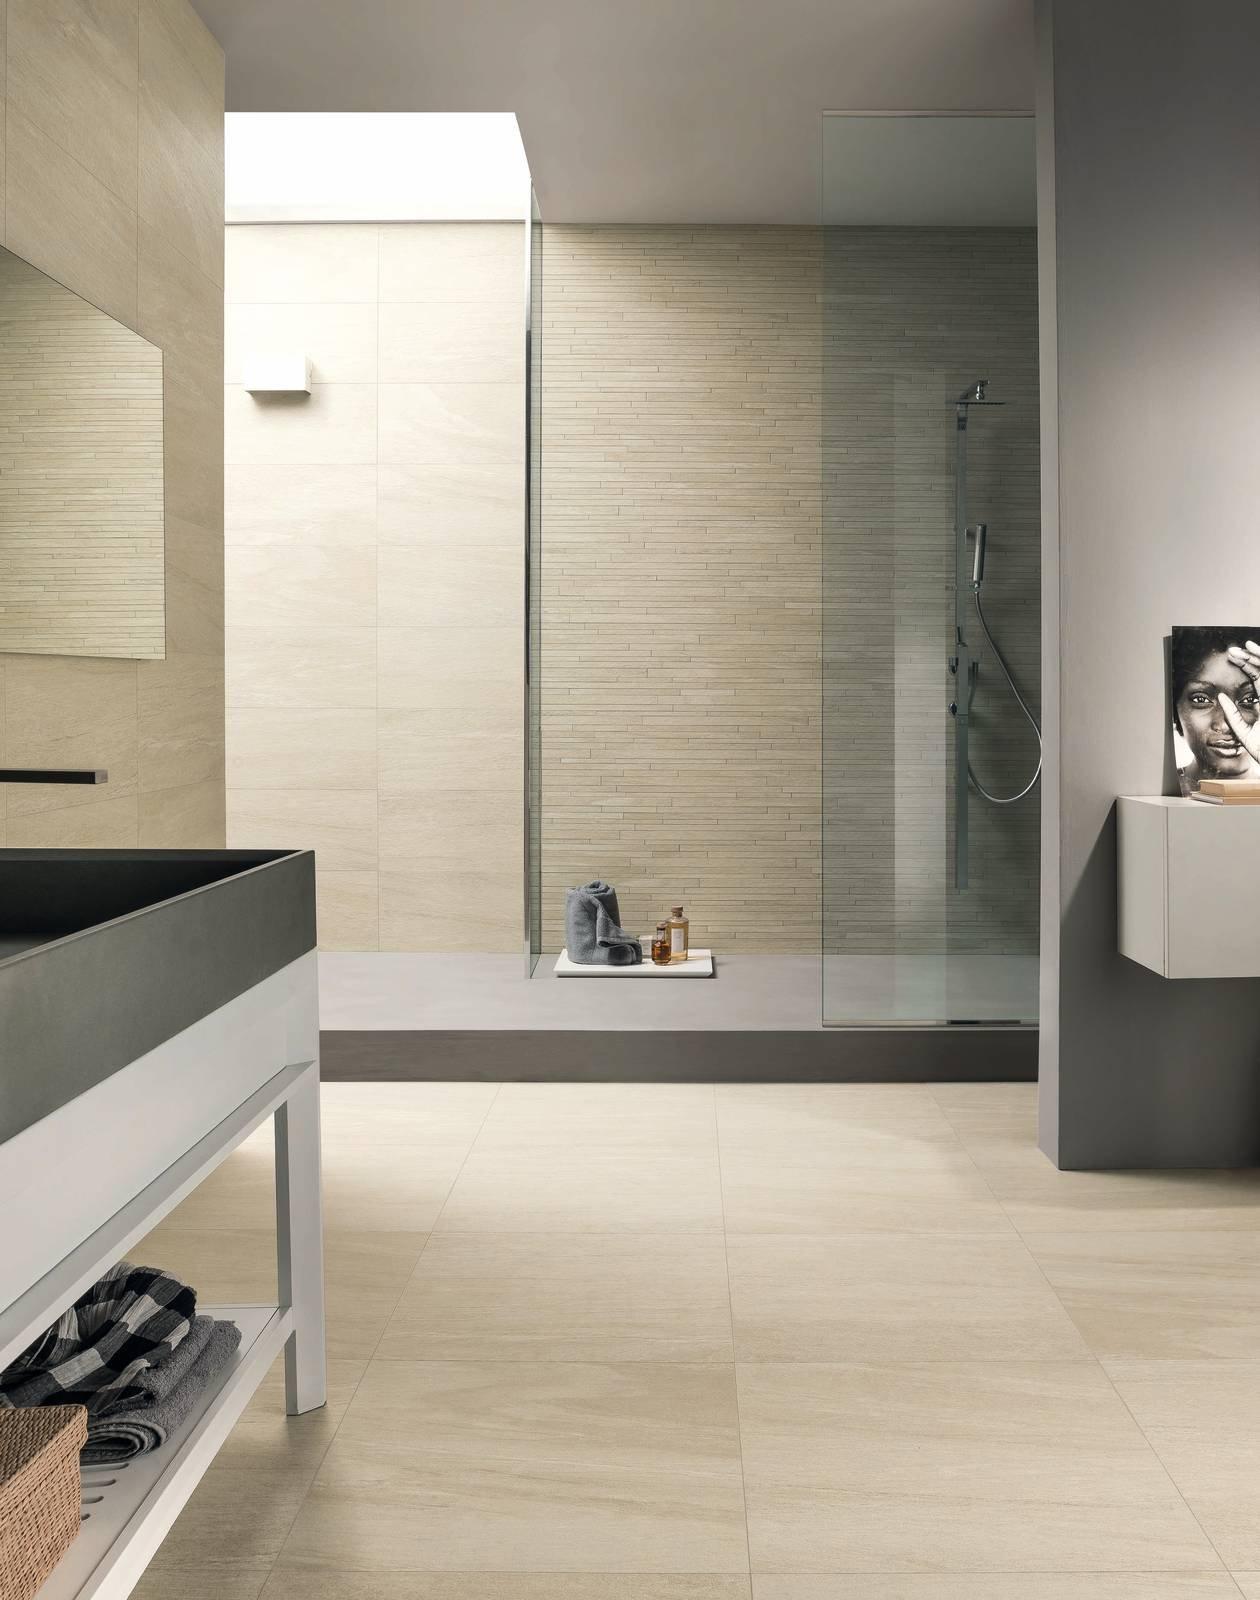 Abbinamenti piastrelle bagno trendy ha un aspetto vissuto il in monocottura a pasta bianca - Piastrelle x bagno ...